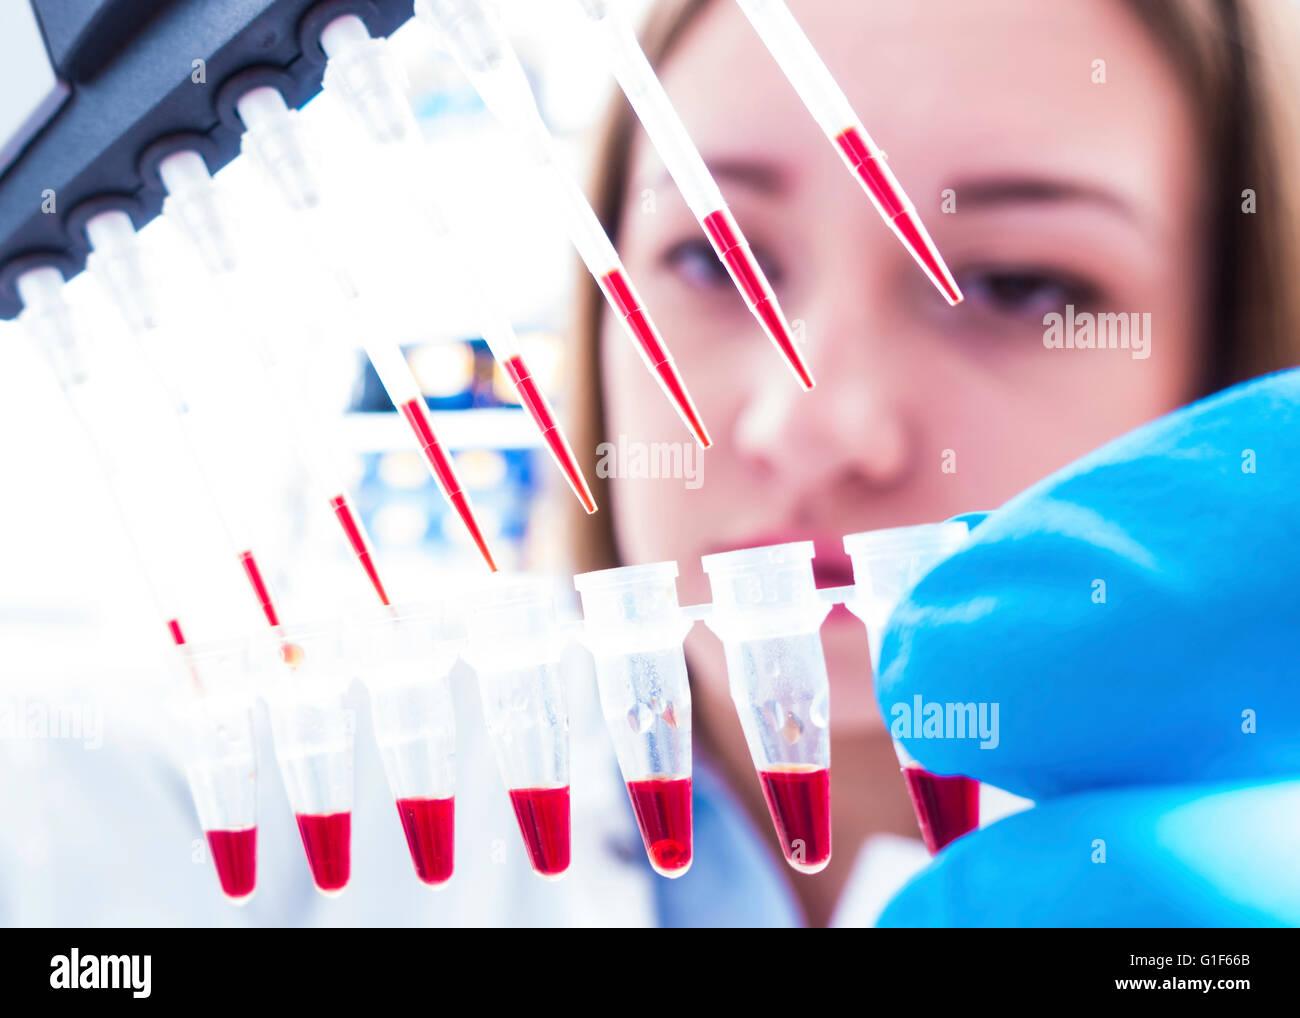 Modelo liberado. Técnico de laboratorio femenino mediante micro pipeta. Foto de stock